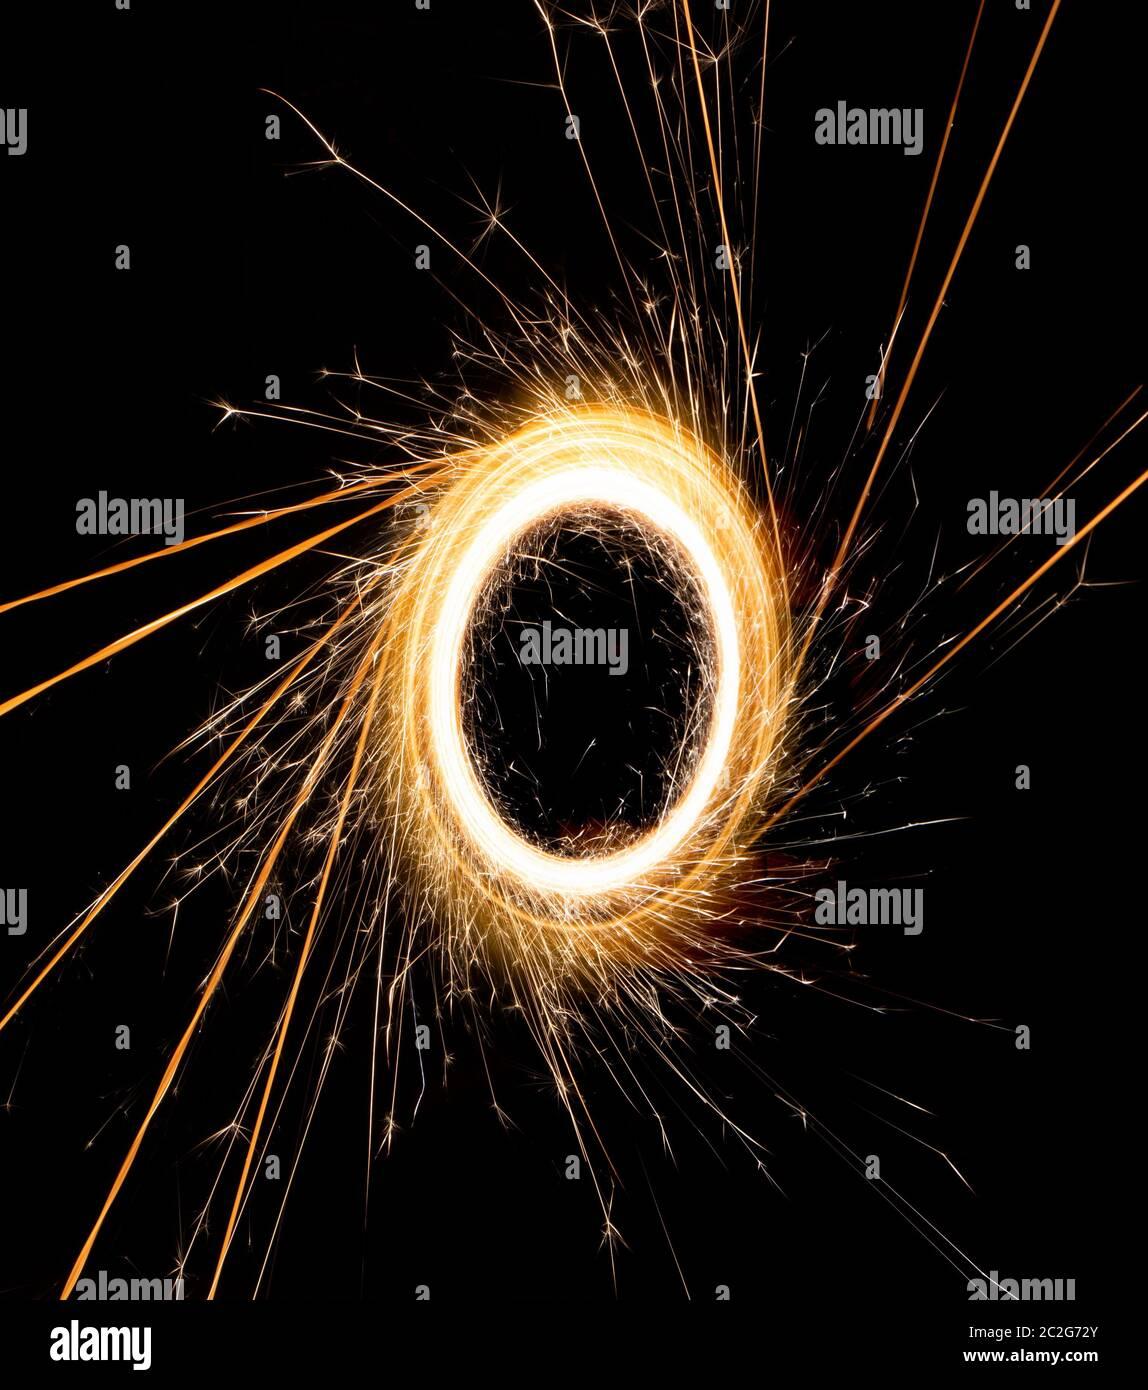 bellissima scintilla in un cerchio su sfondo nero Foto Stock